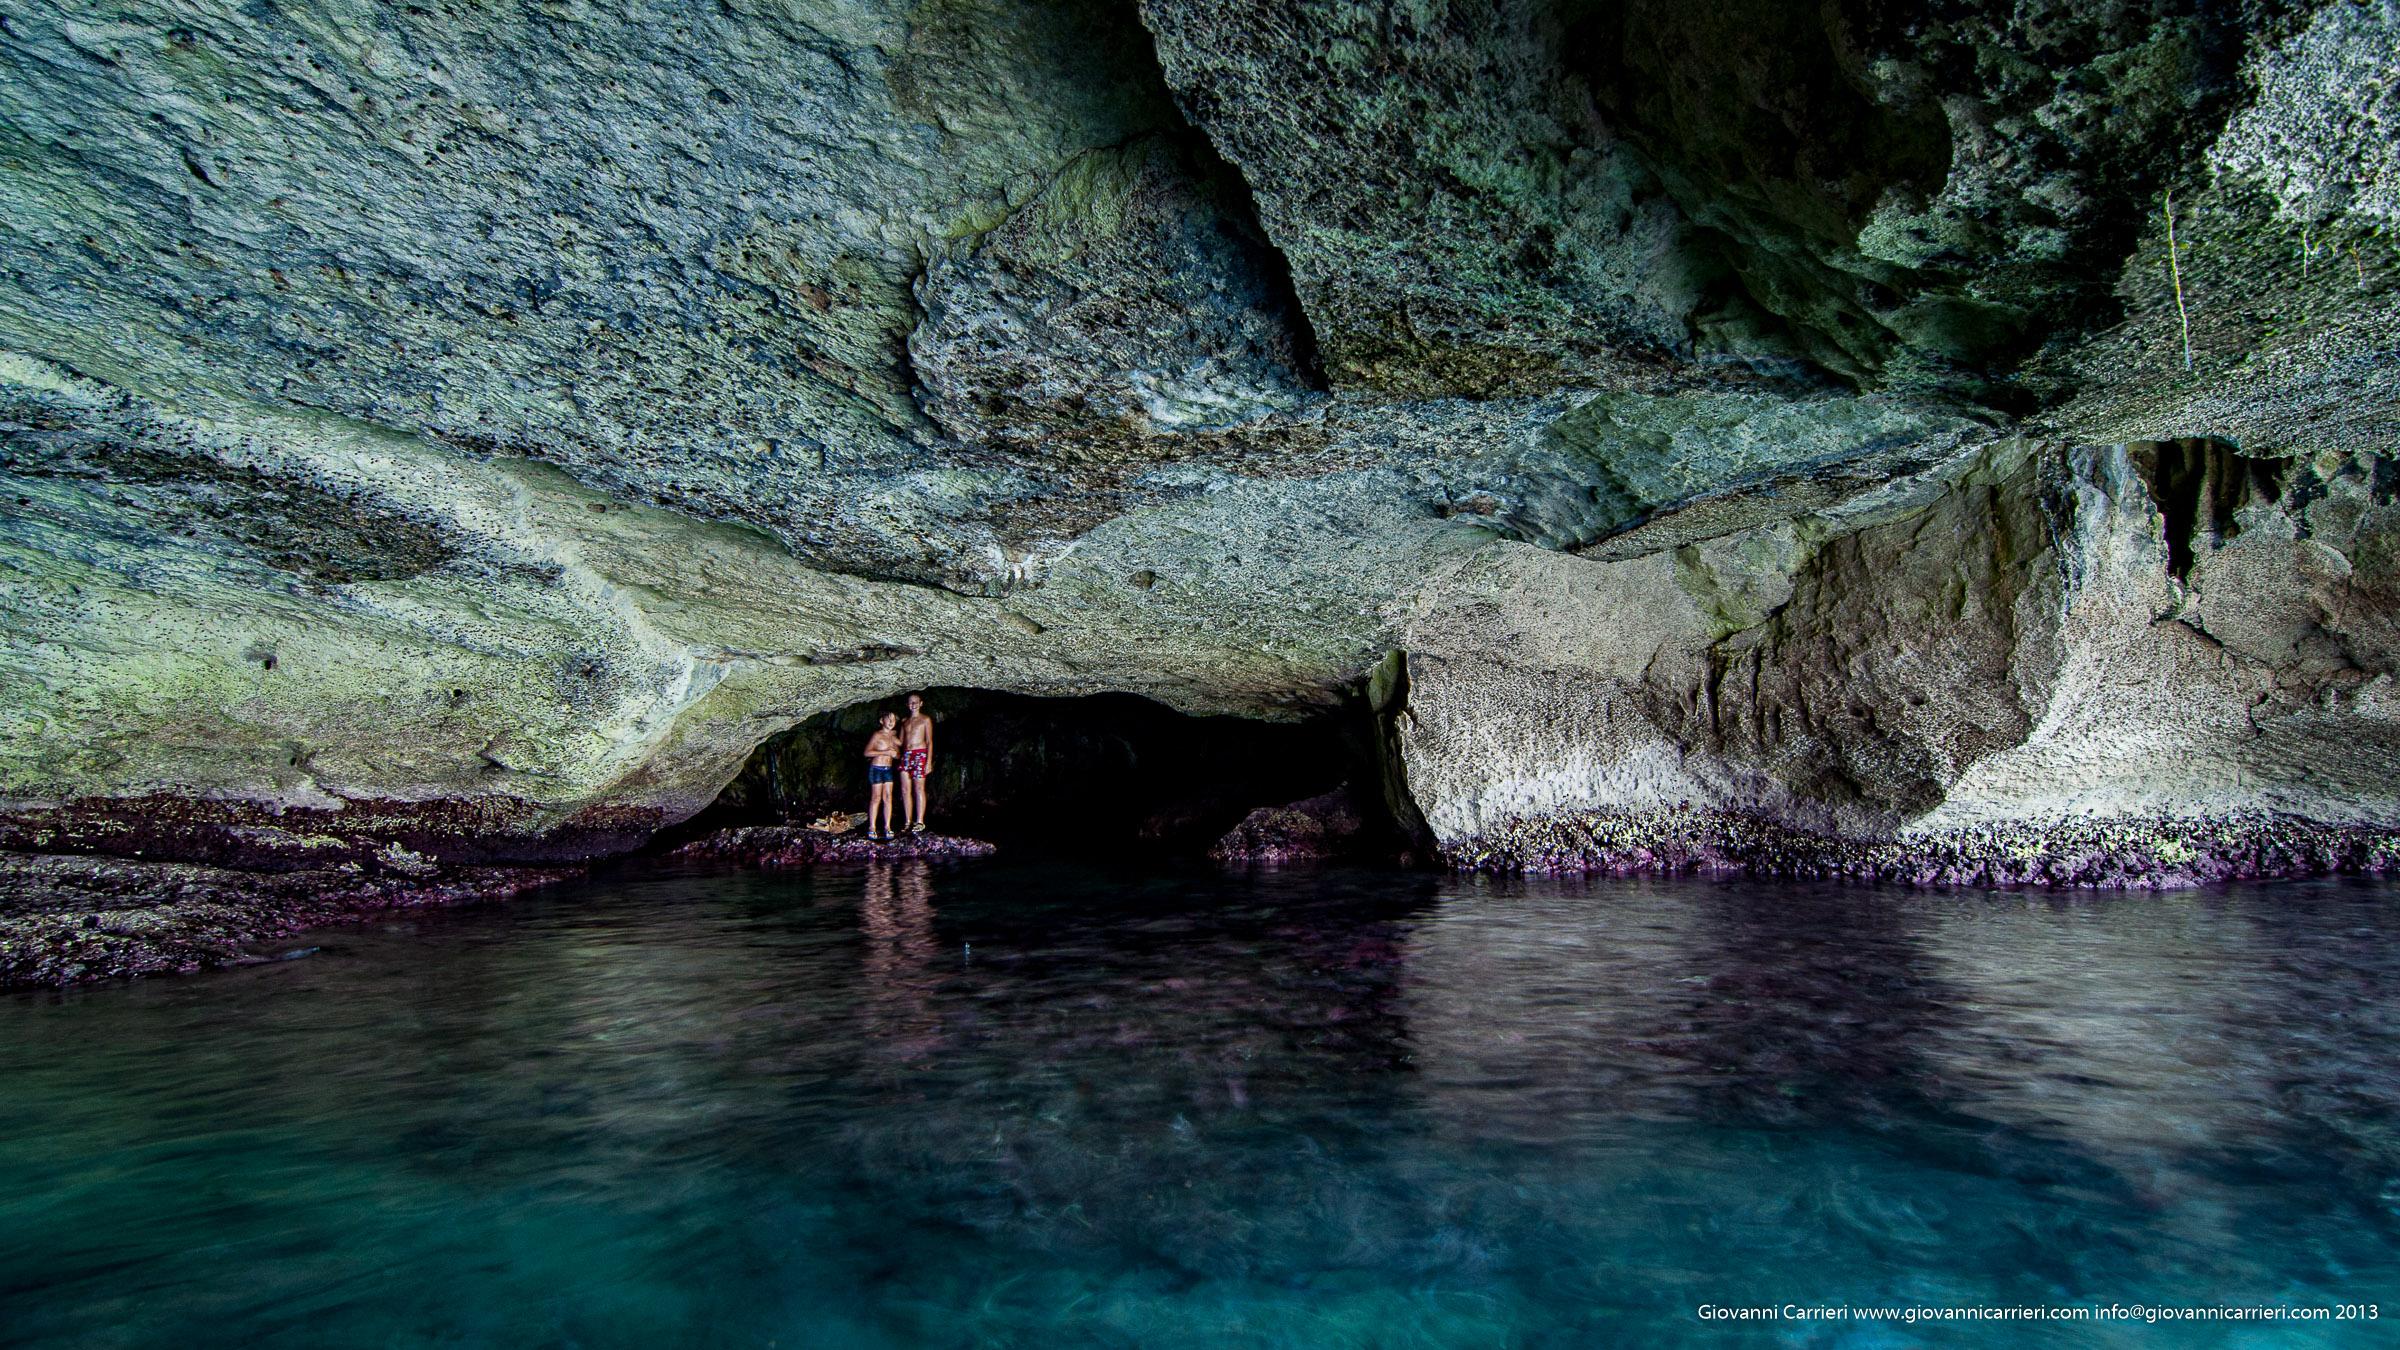 Grotta verde - Marina di Andrano vista esterna